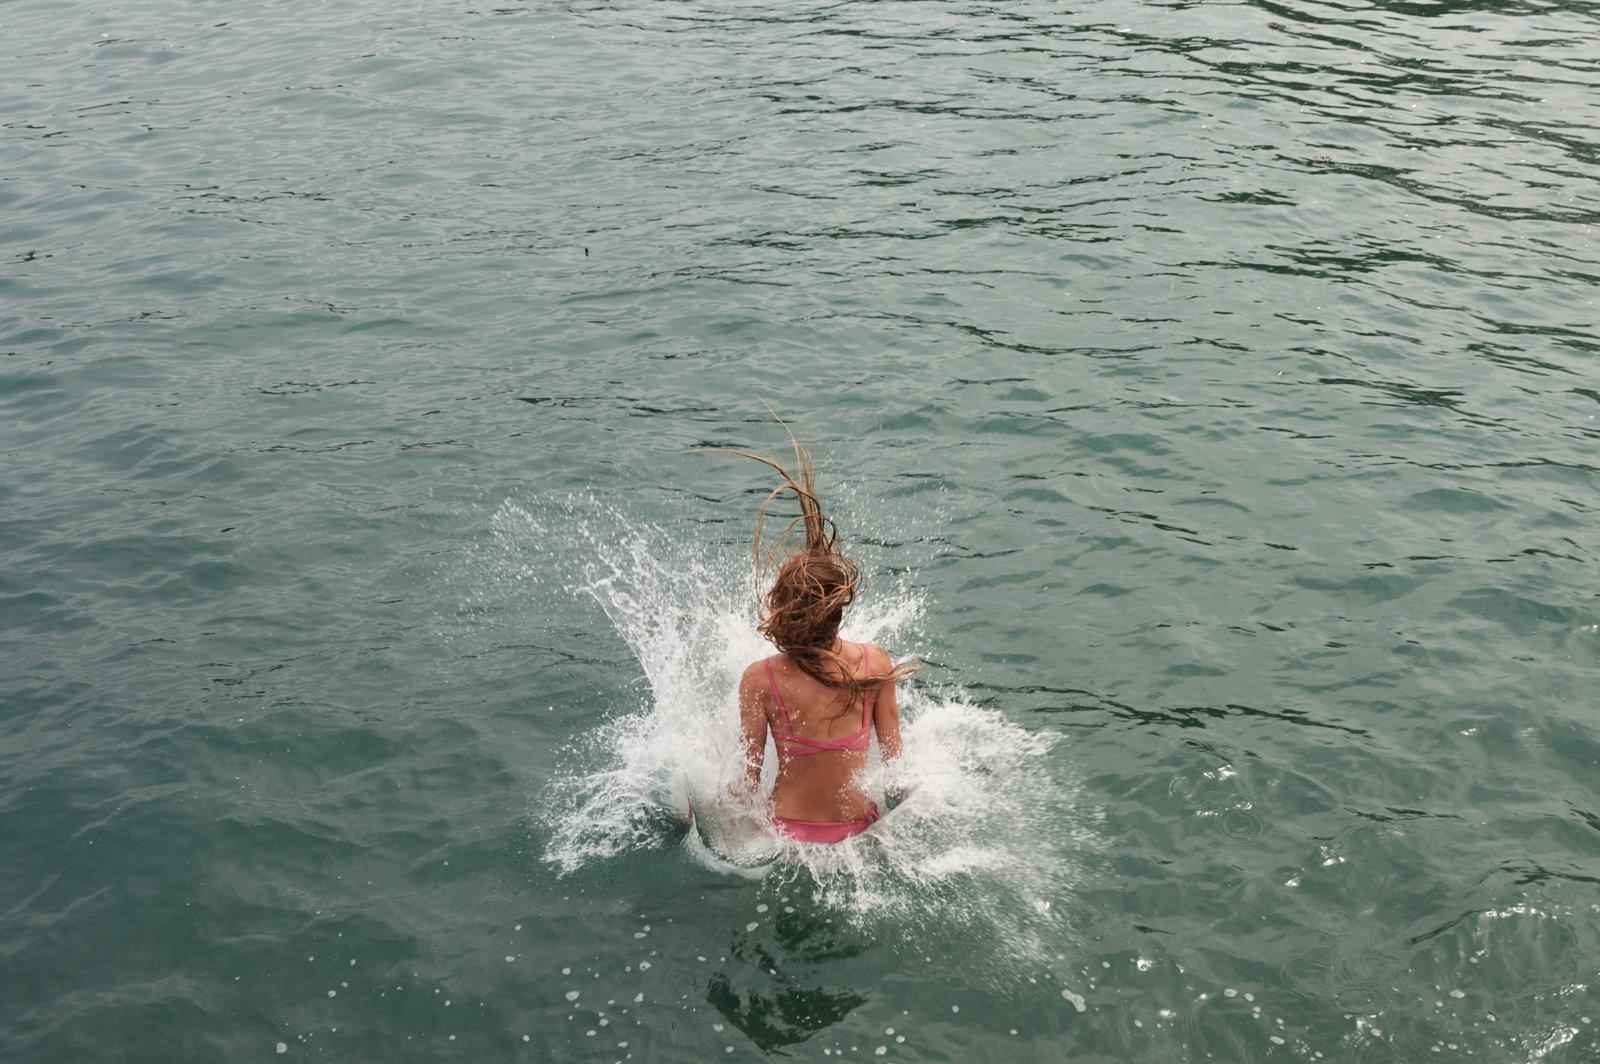 OY Surf Apparel Xara and Sumba muse